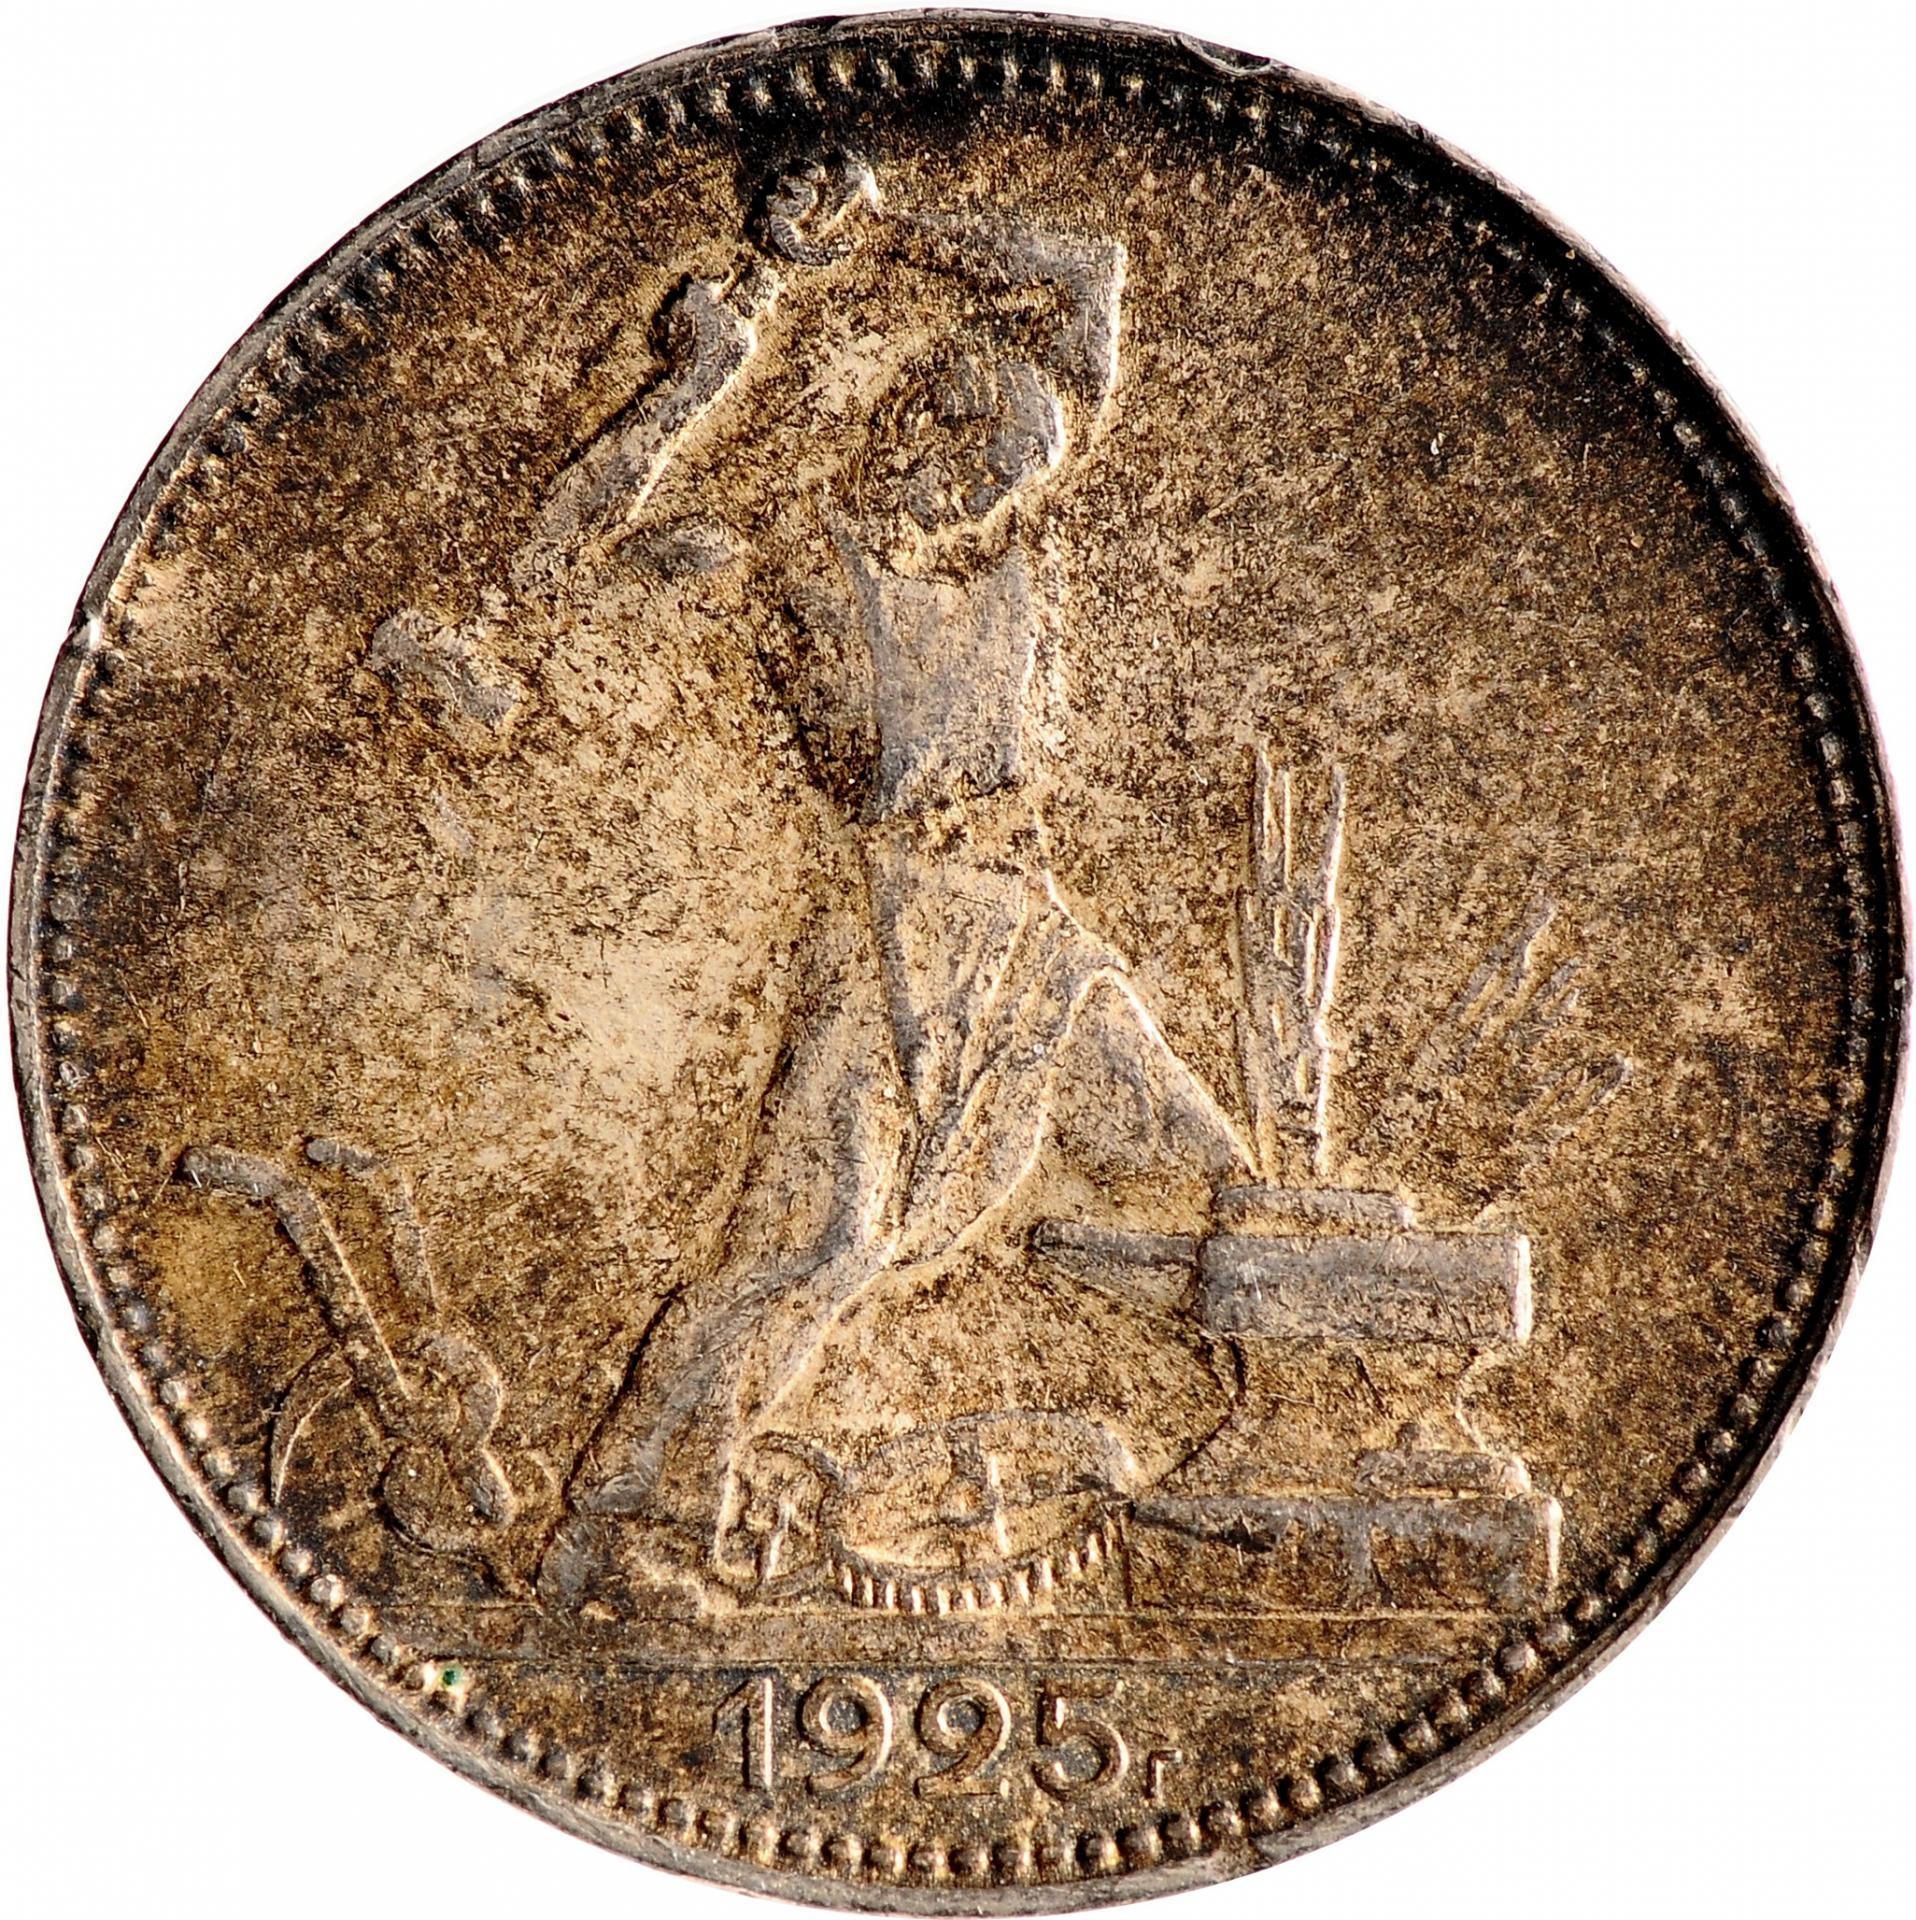 Коллекционная редкая монета полтинник 1925 года